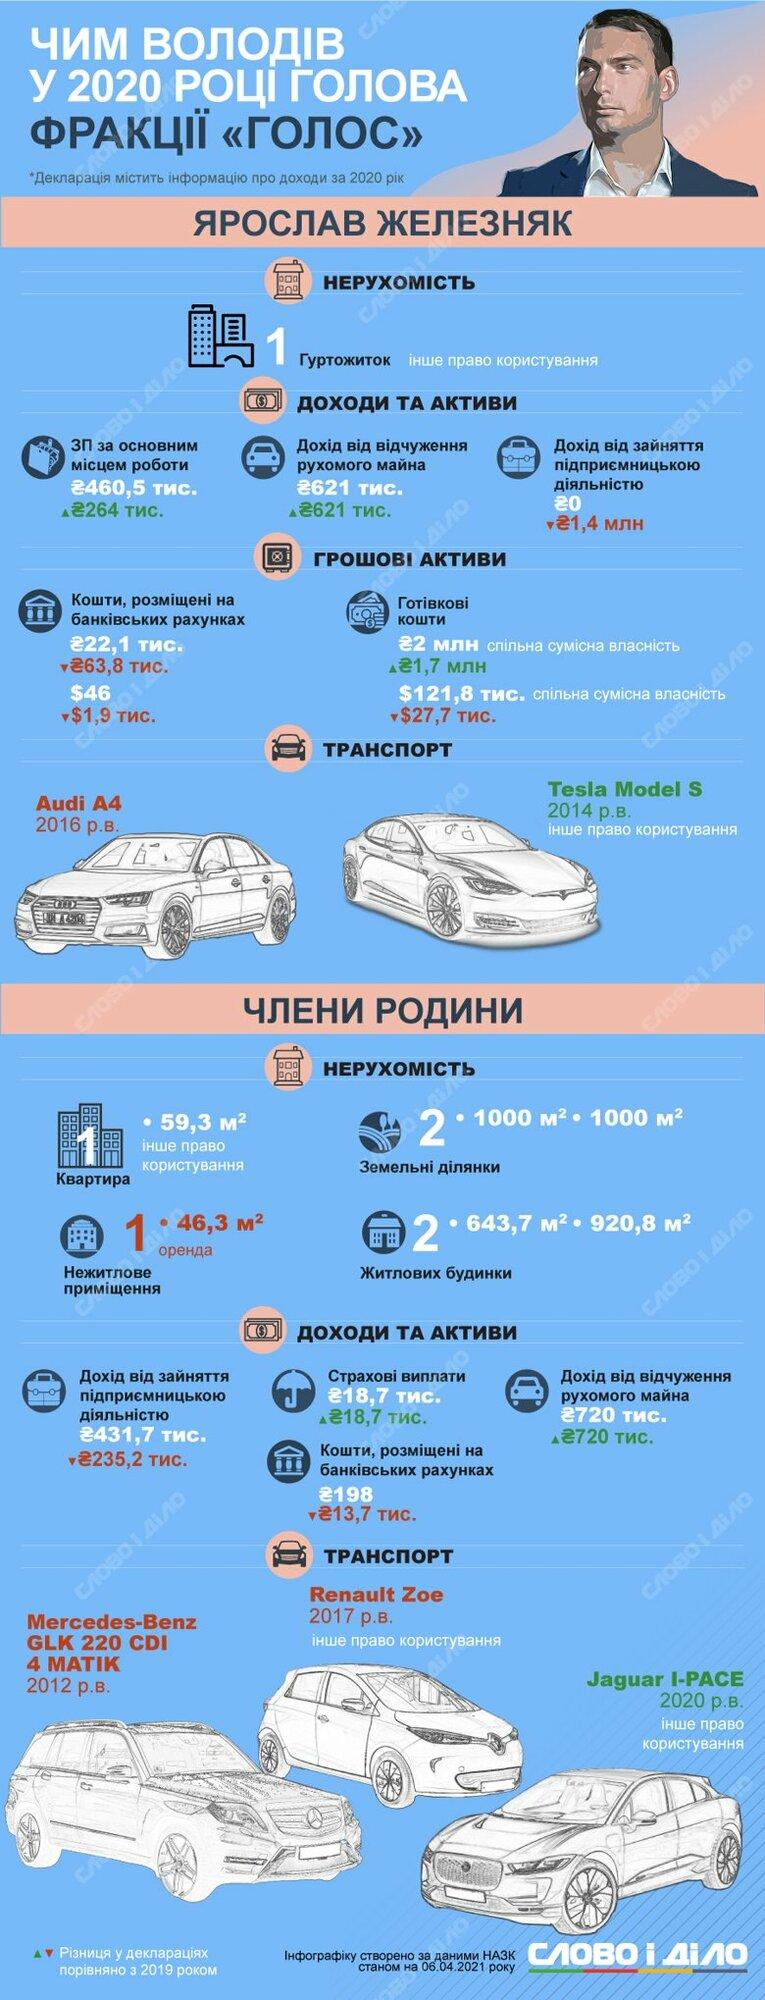 deklaracziya-zheleznyaka_ru_normal.jpg